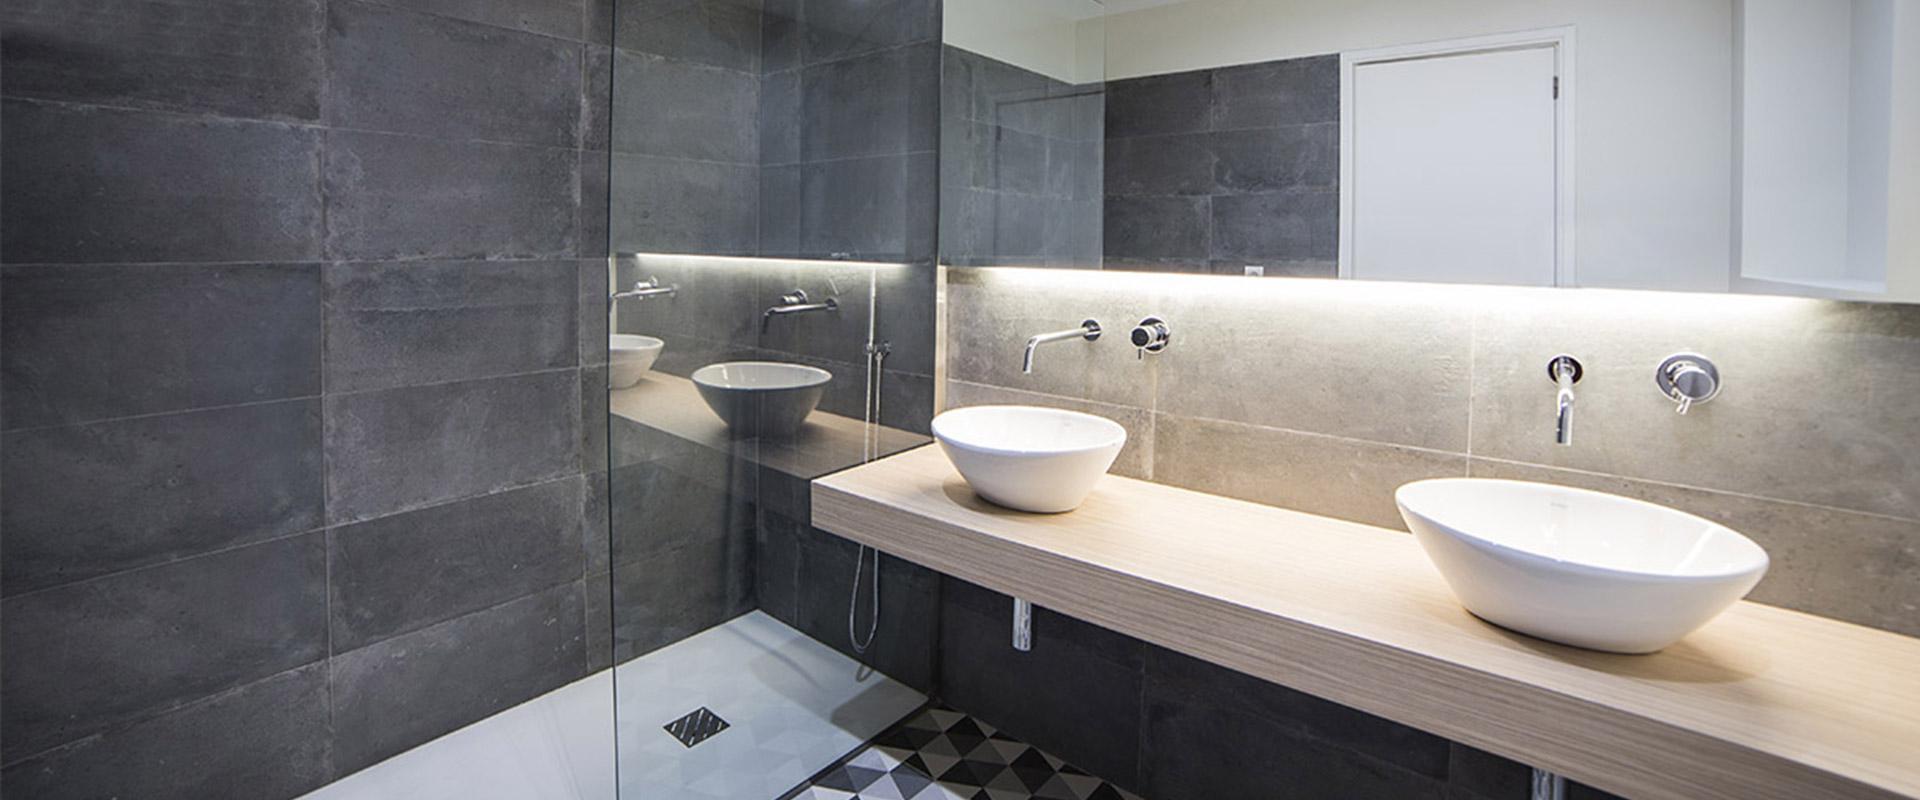 Urban Obras - Remodelações de Casas de Banho